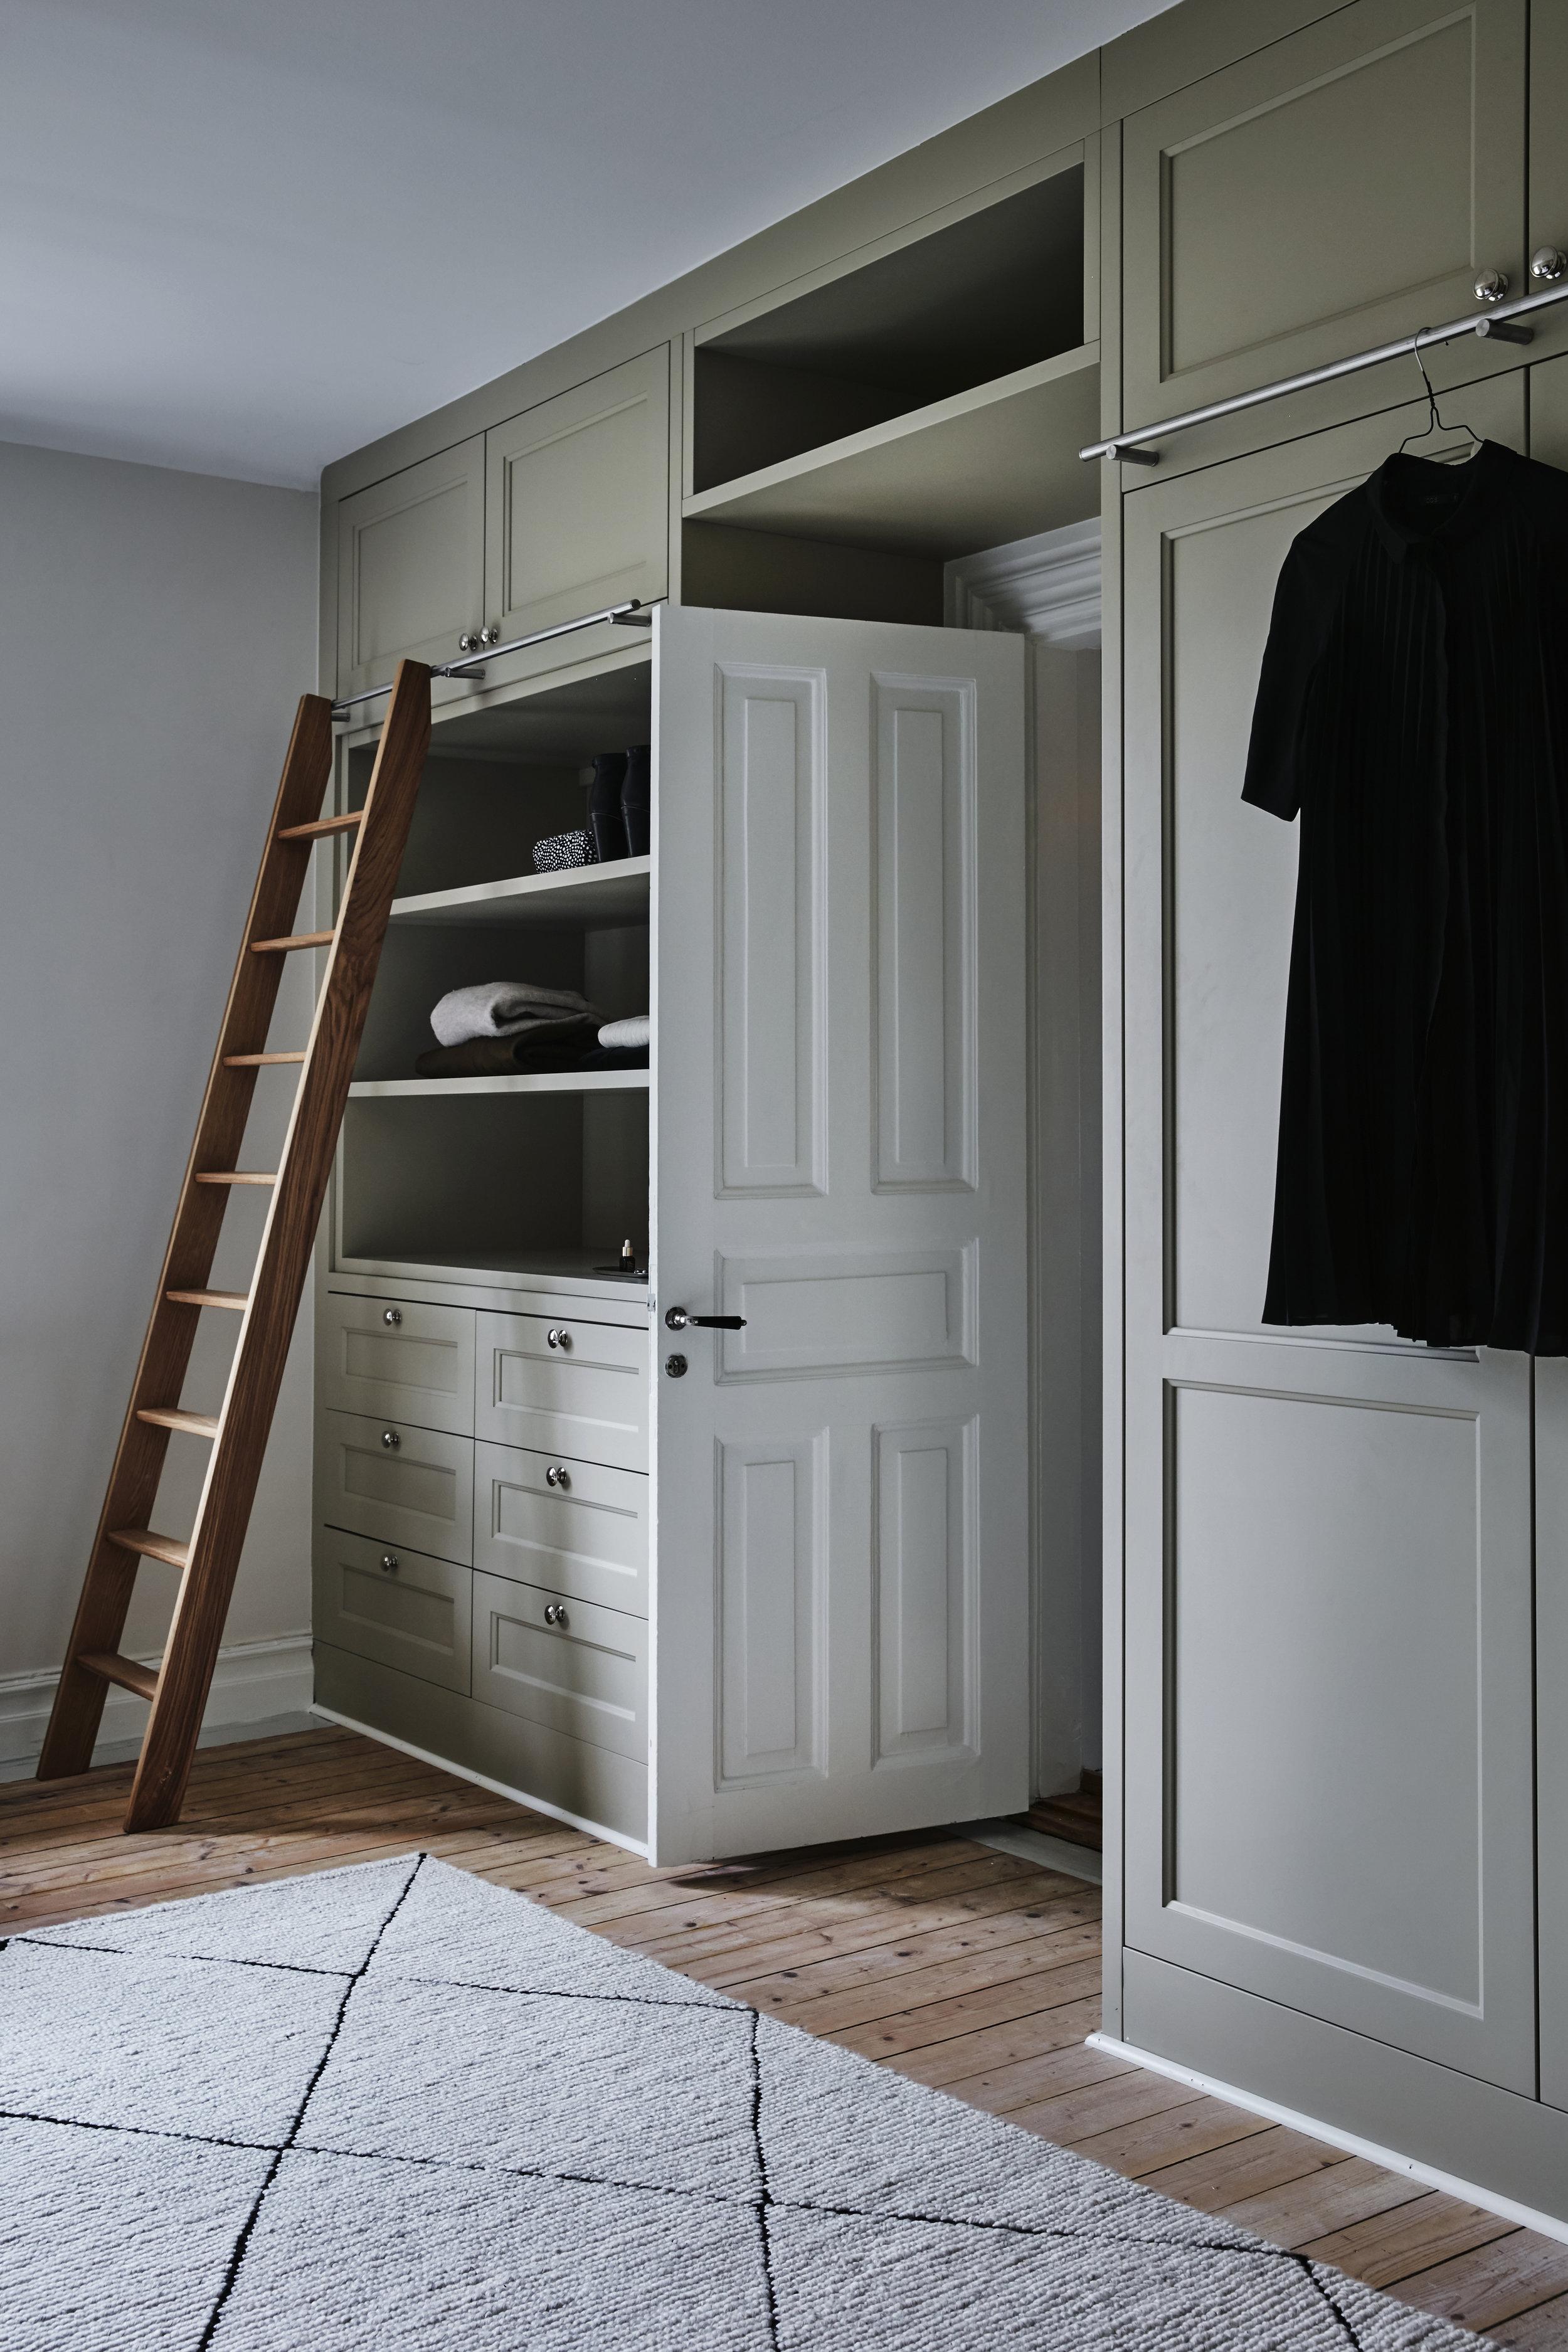 kitchen-and-beyond_garderob_03.jpg